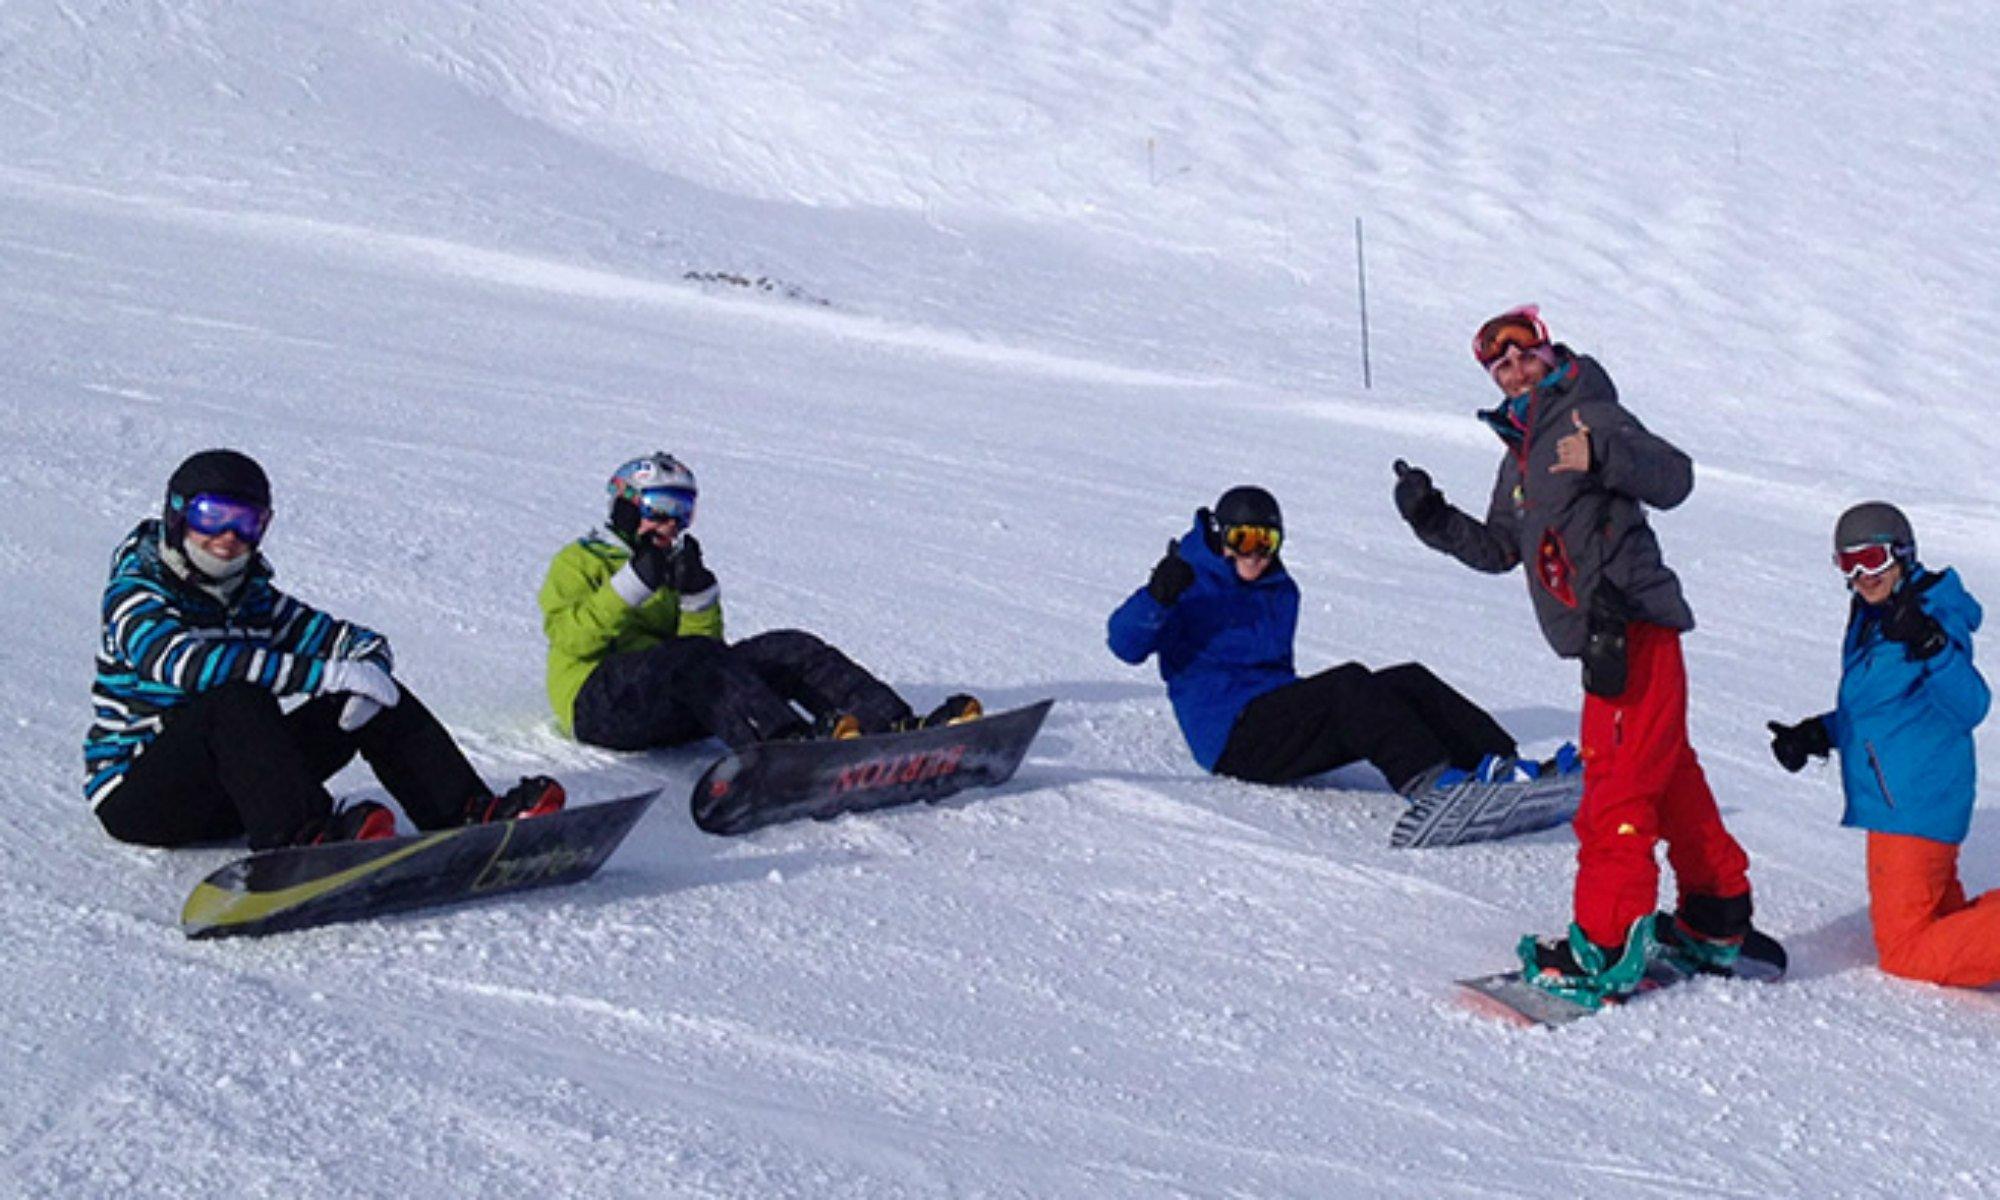 Un groupe de snowboardeurs lors d'un cours collectif de snowboard.